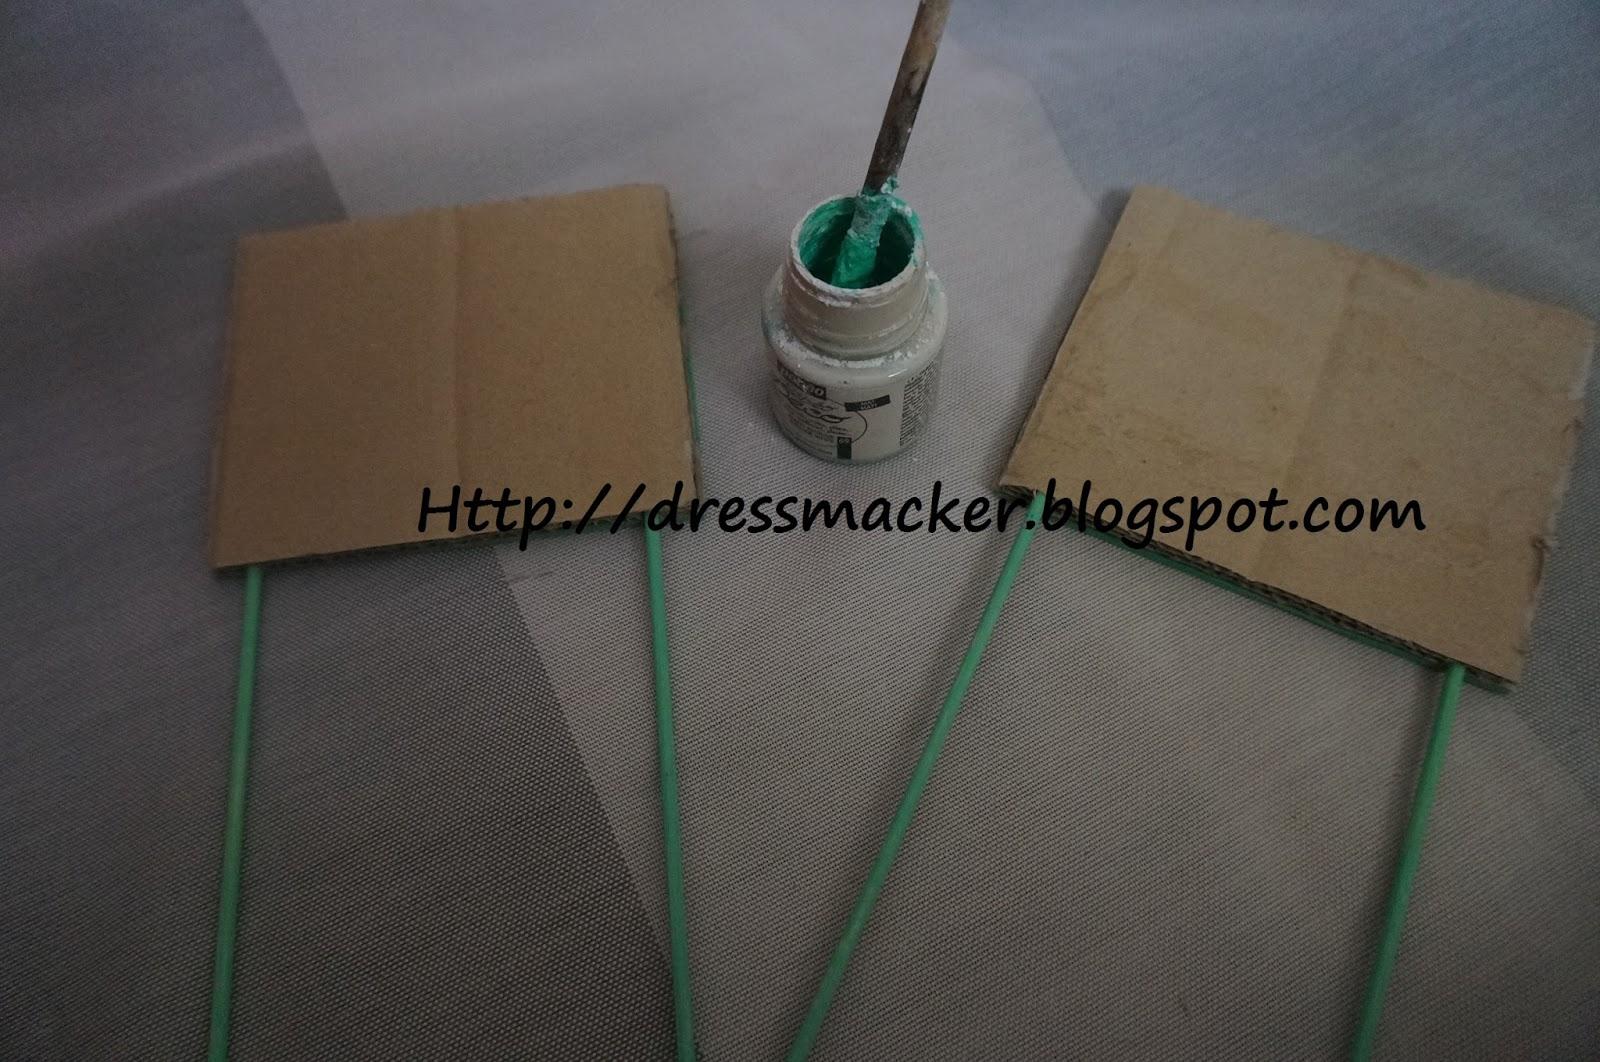 Dressmaker tutorial diy hacer pintura de pizarra - Hacer pintura pizarra ...